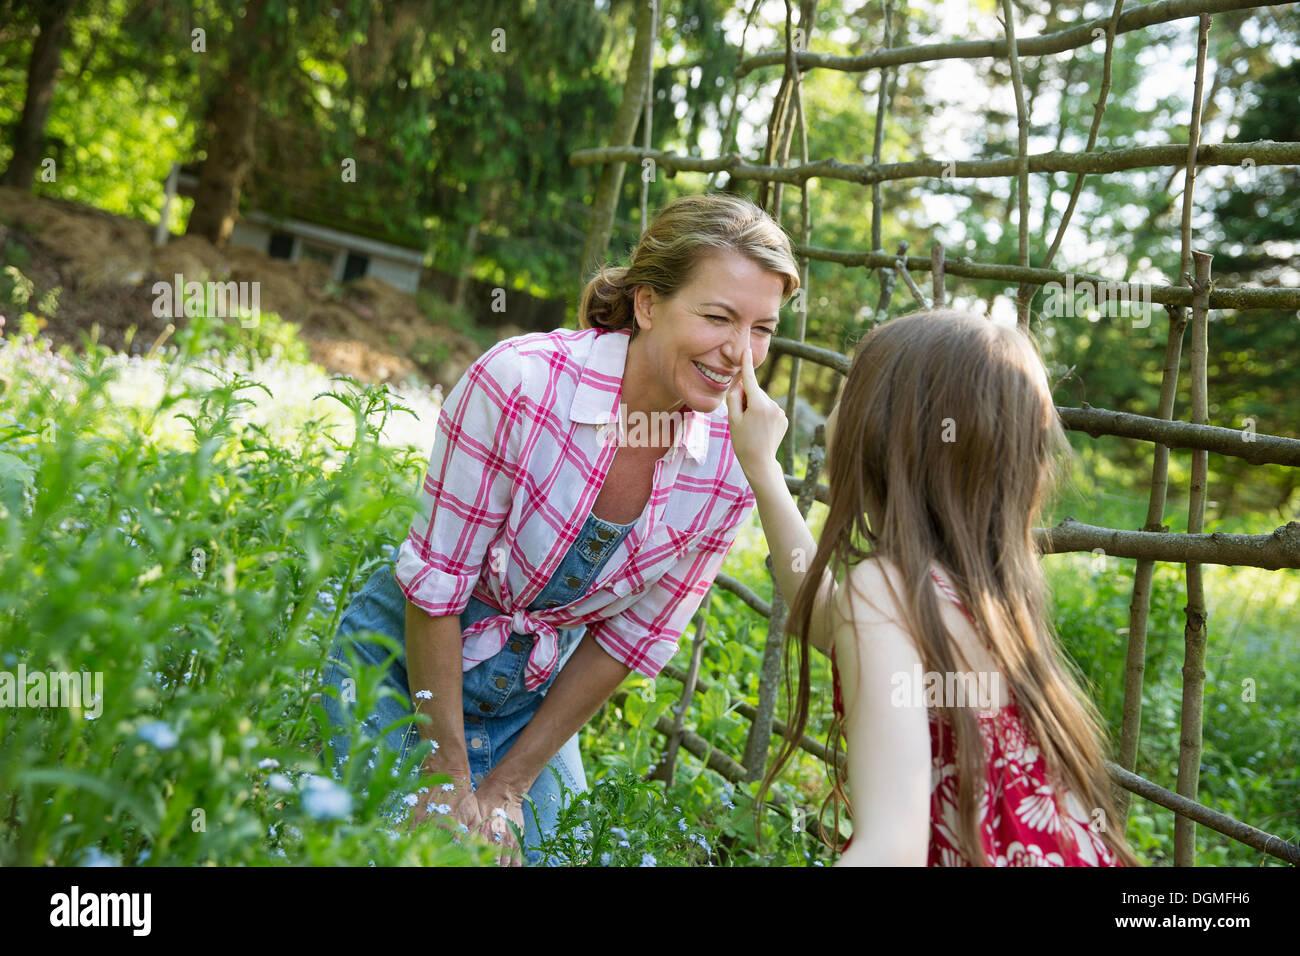 Une mère et sa fille ensemble dans un boîtier de plantes dans un jardin. Les plantes à feuilles vertes. Un enfant de toucher le nez de la femme adultes. Photo Stock